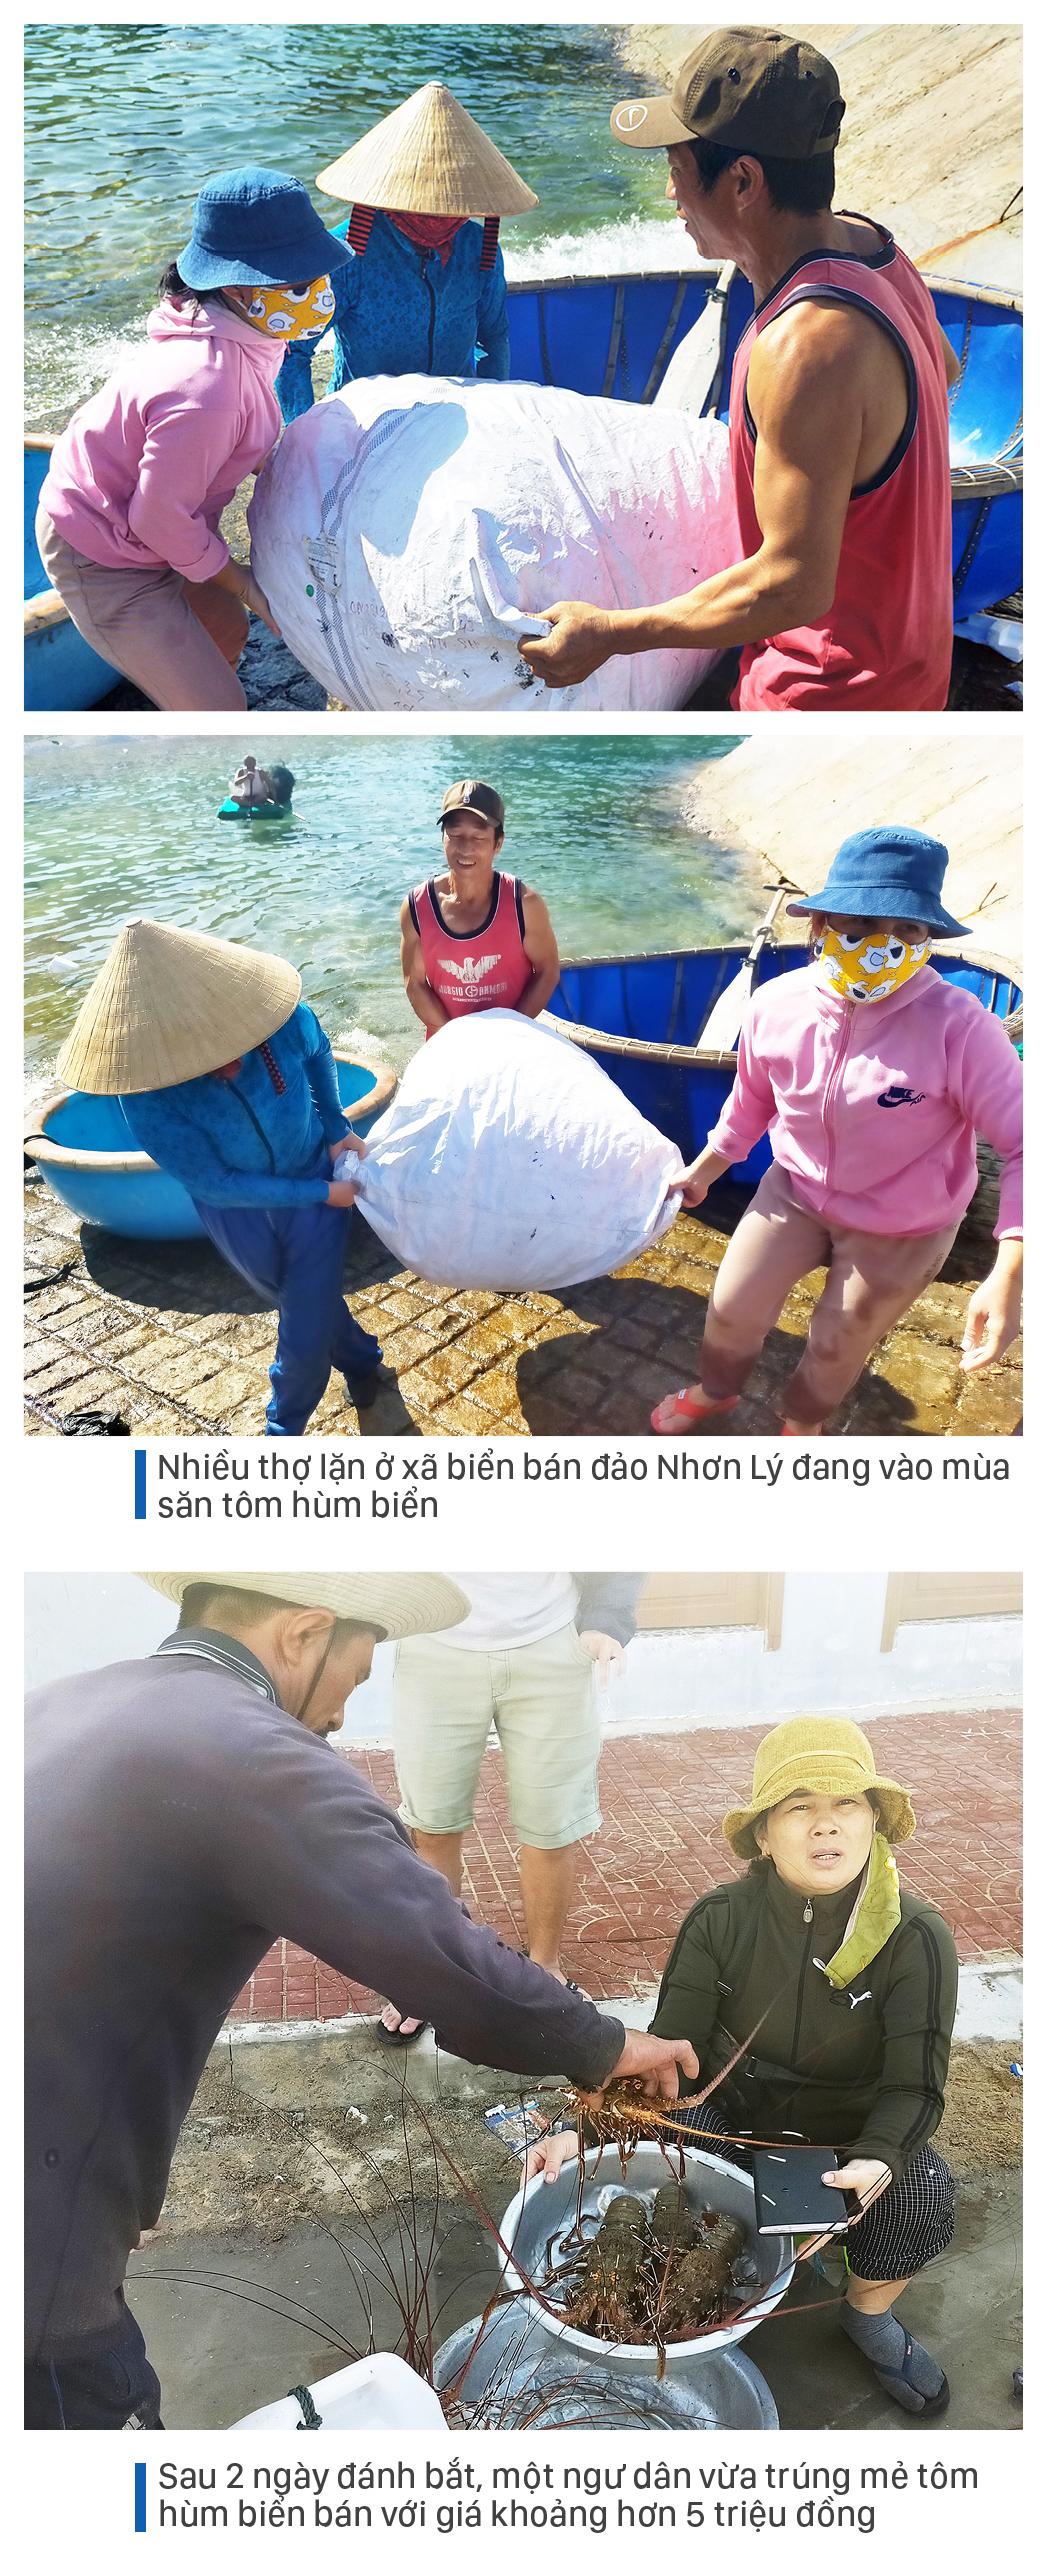 Săn tôm hùm biển kiếm bạc triệu mỗi ngày ảnh 6